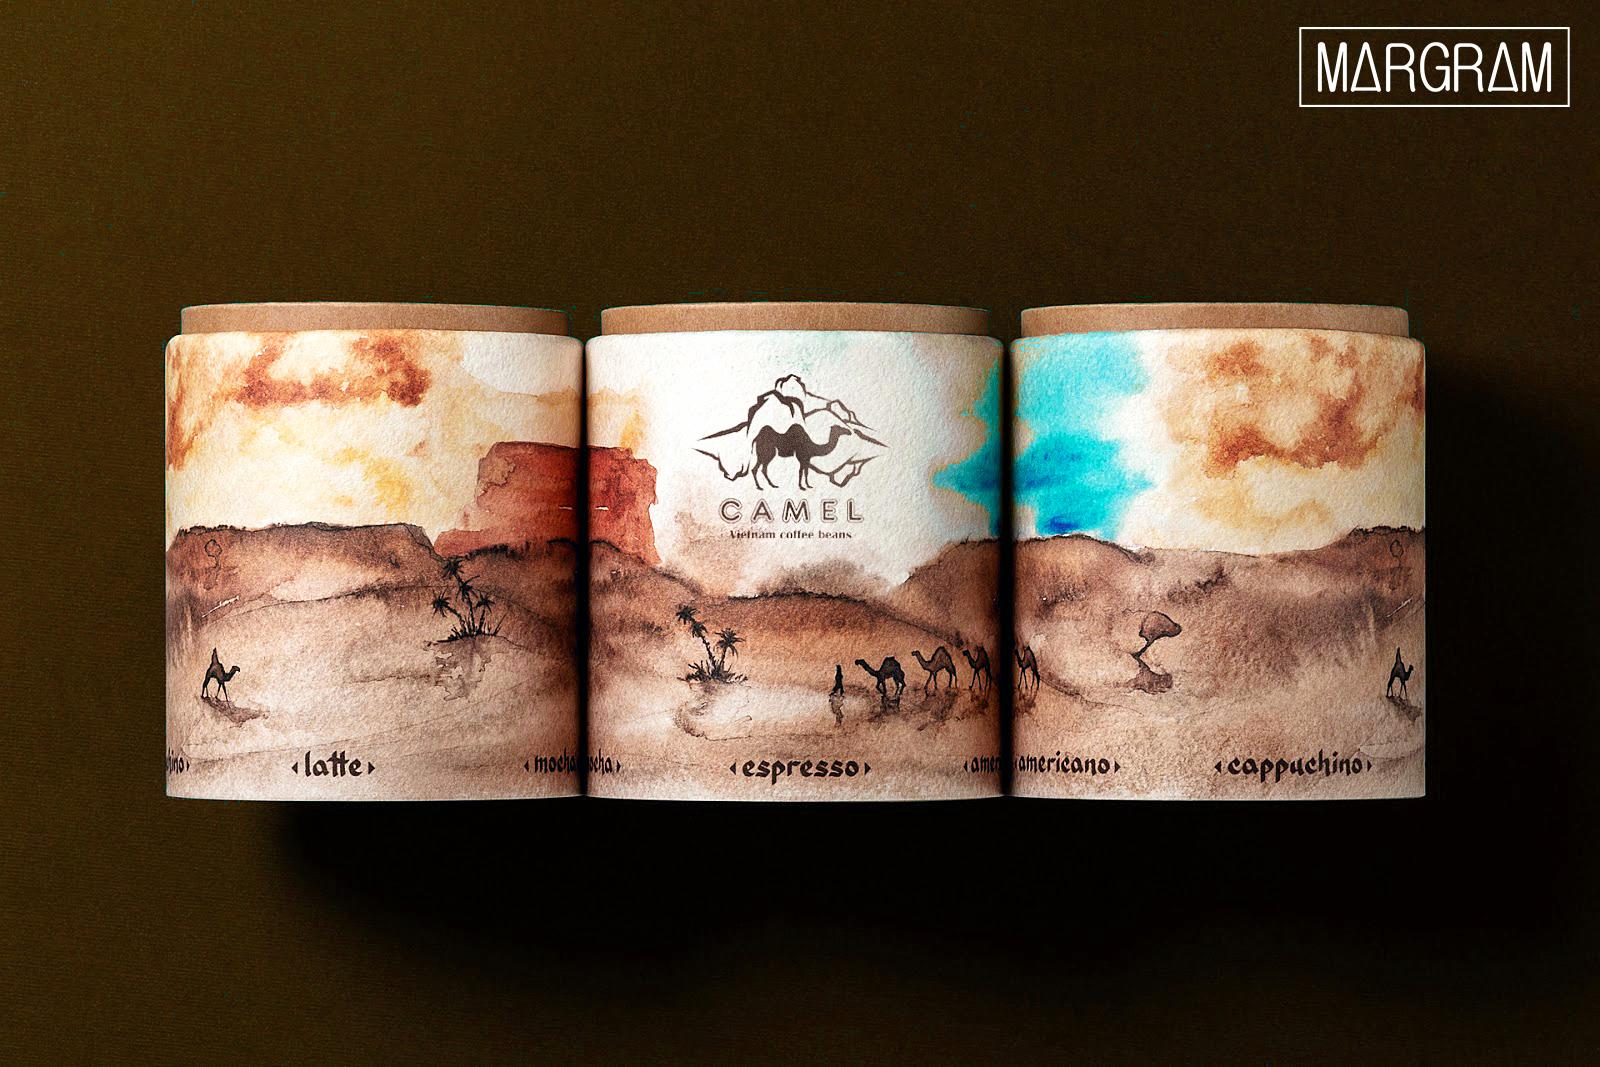 bao-bi-ca-phe-camel-margram-02